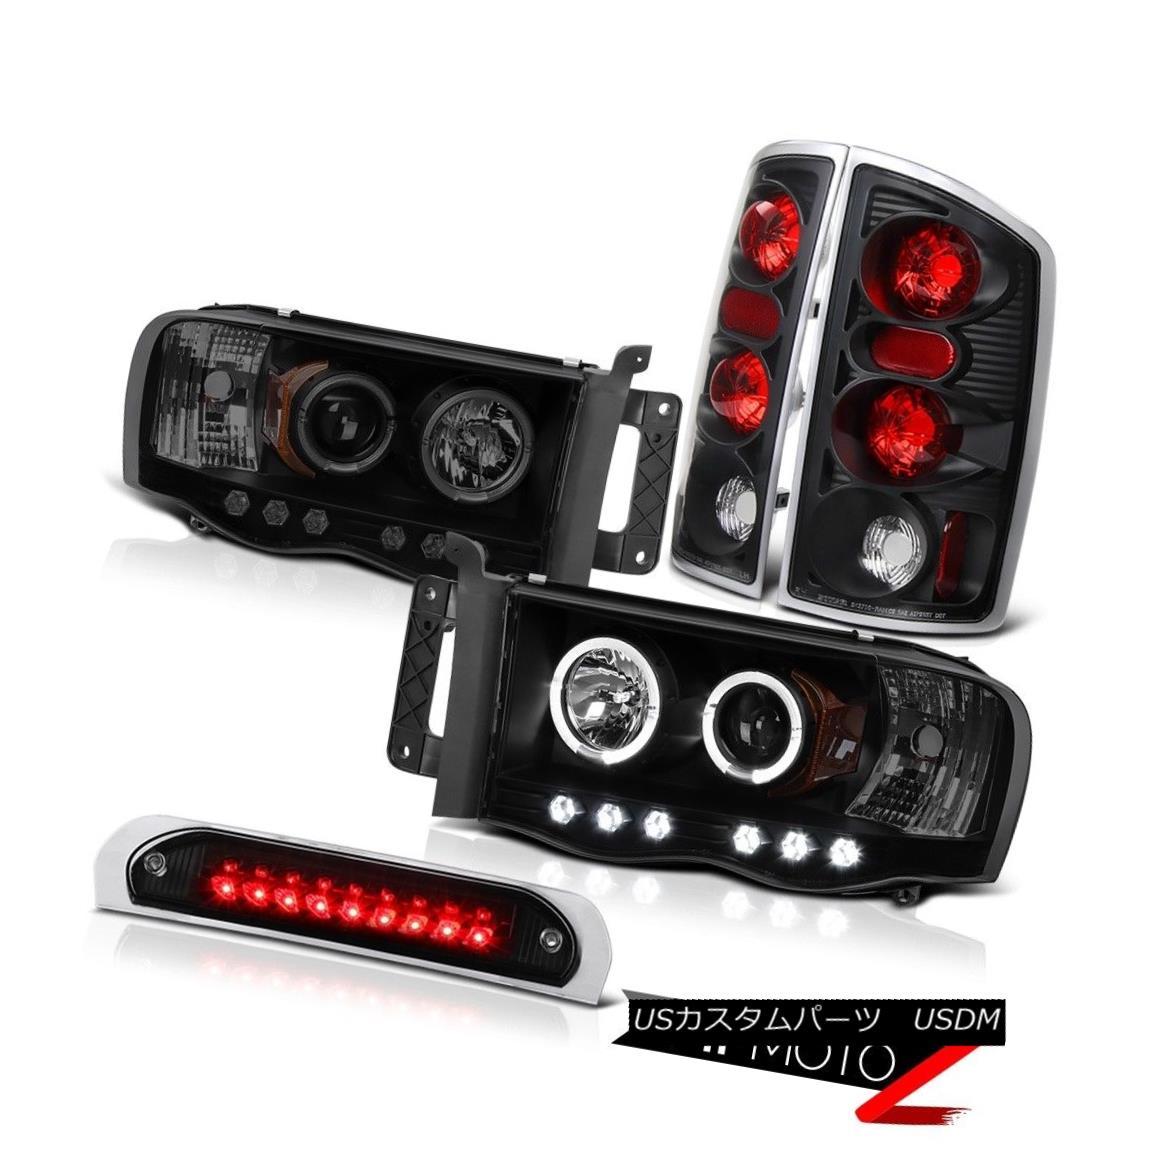 テールライト SMD DRL Headlamps Tail Brake Lights High Stop LED Black 02 03 04 05 Ram 1500 SMD DRLヘッドランプテールブレーキライトハイストップLEDブラック02 03 04 05ラム1500